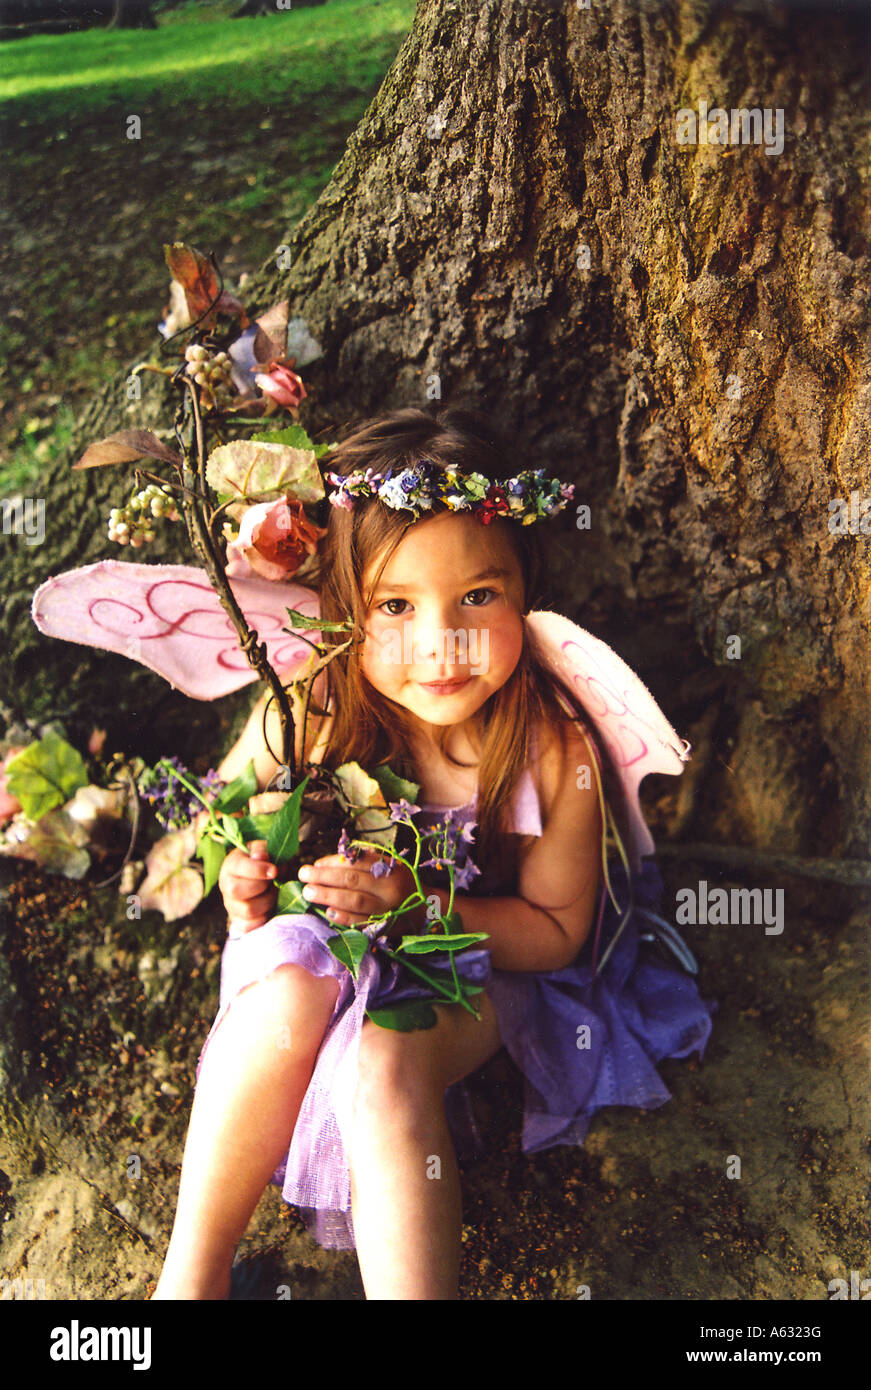 Fata bambino seduto sotto un albero piuttosto come lo zucchero prugna fata Immagini Stock